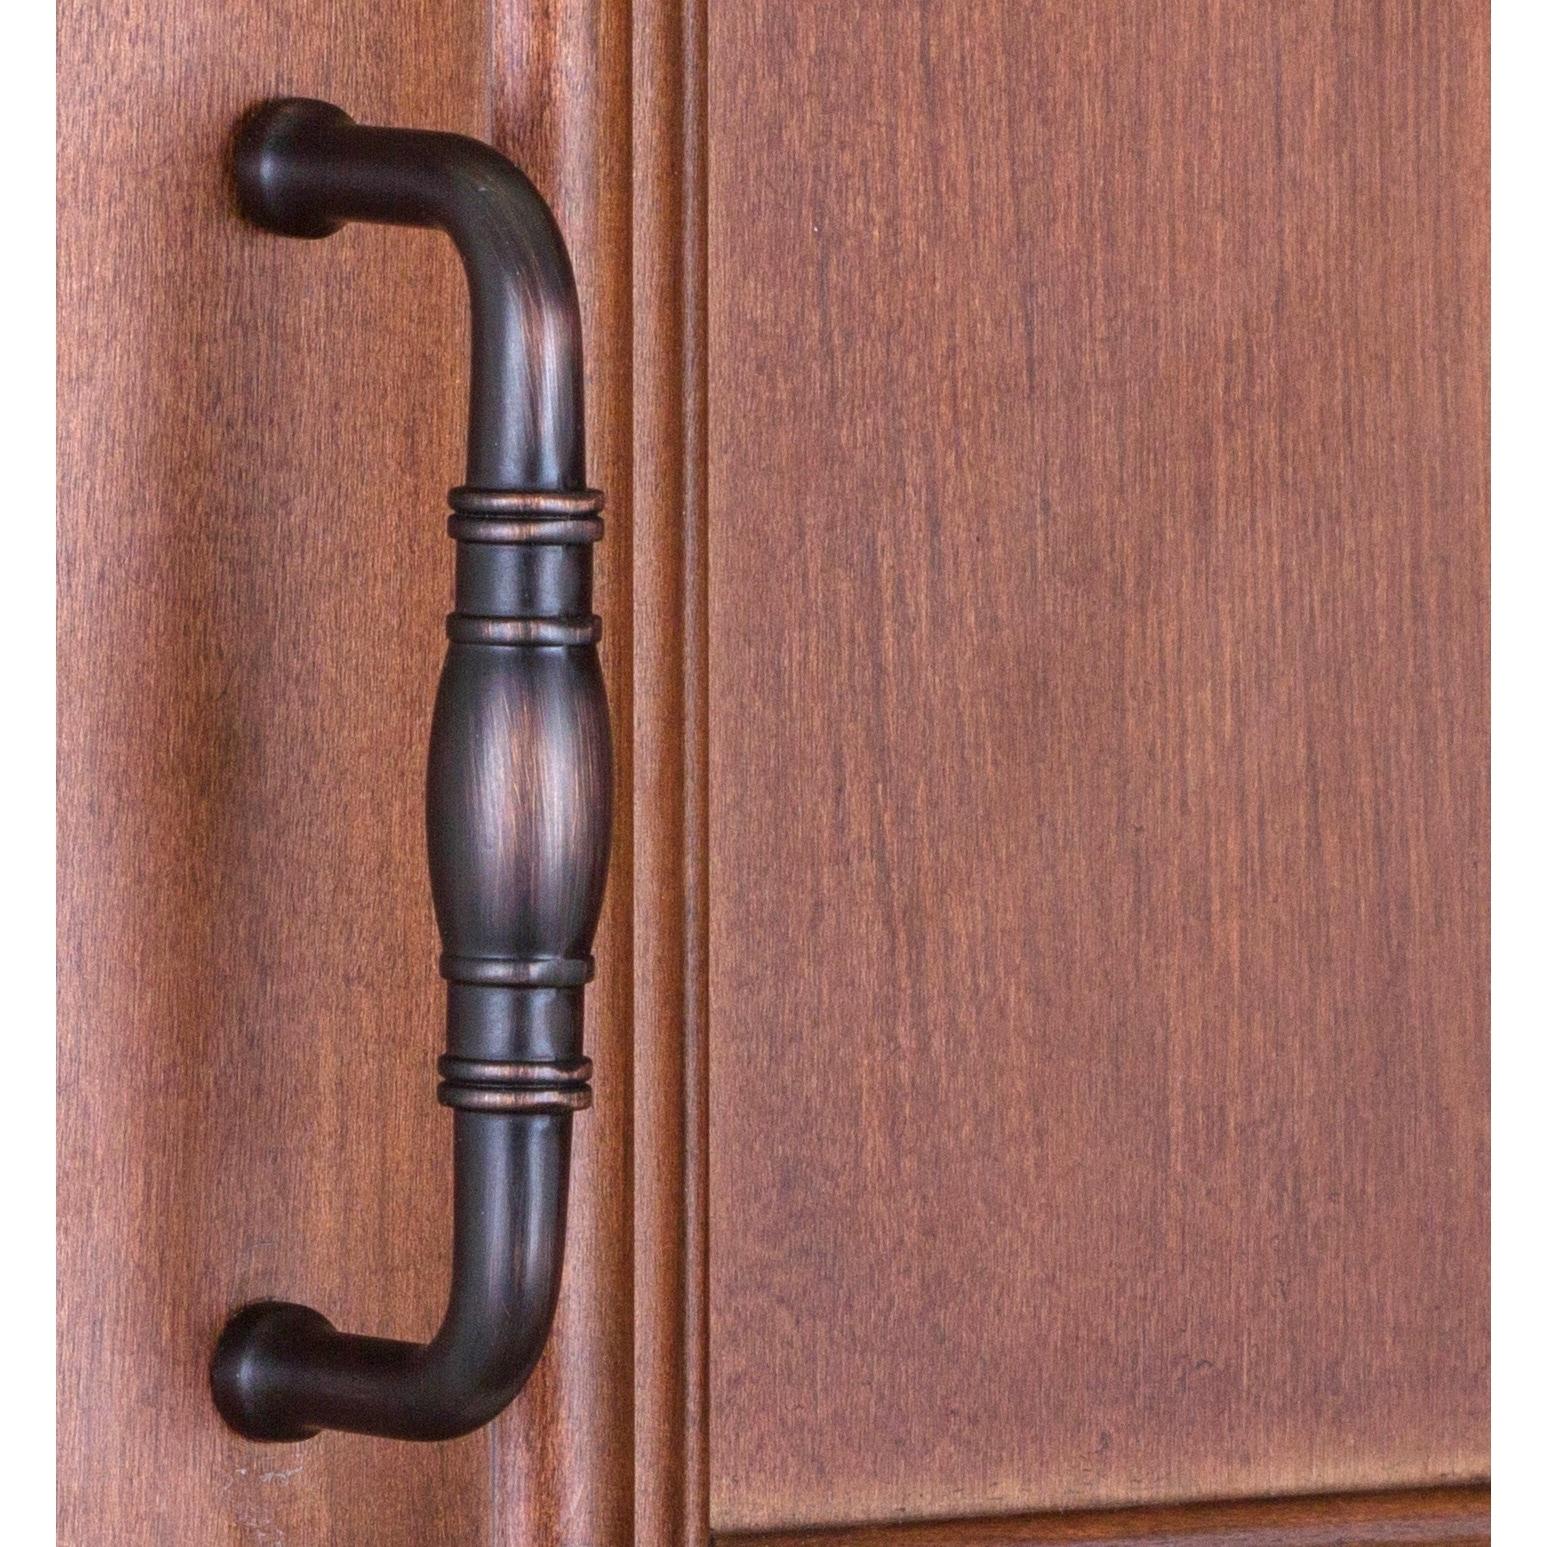 Shop GlideRite 3-inch CC Oil Rubbed Bronze Cabinet Hardware Cabinet ...